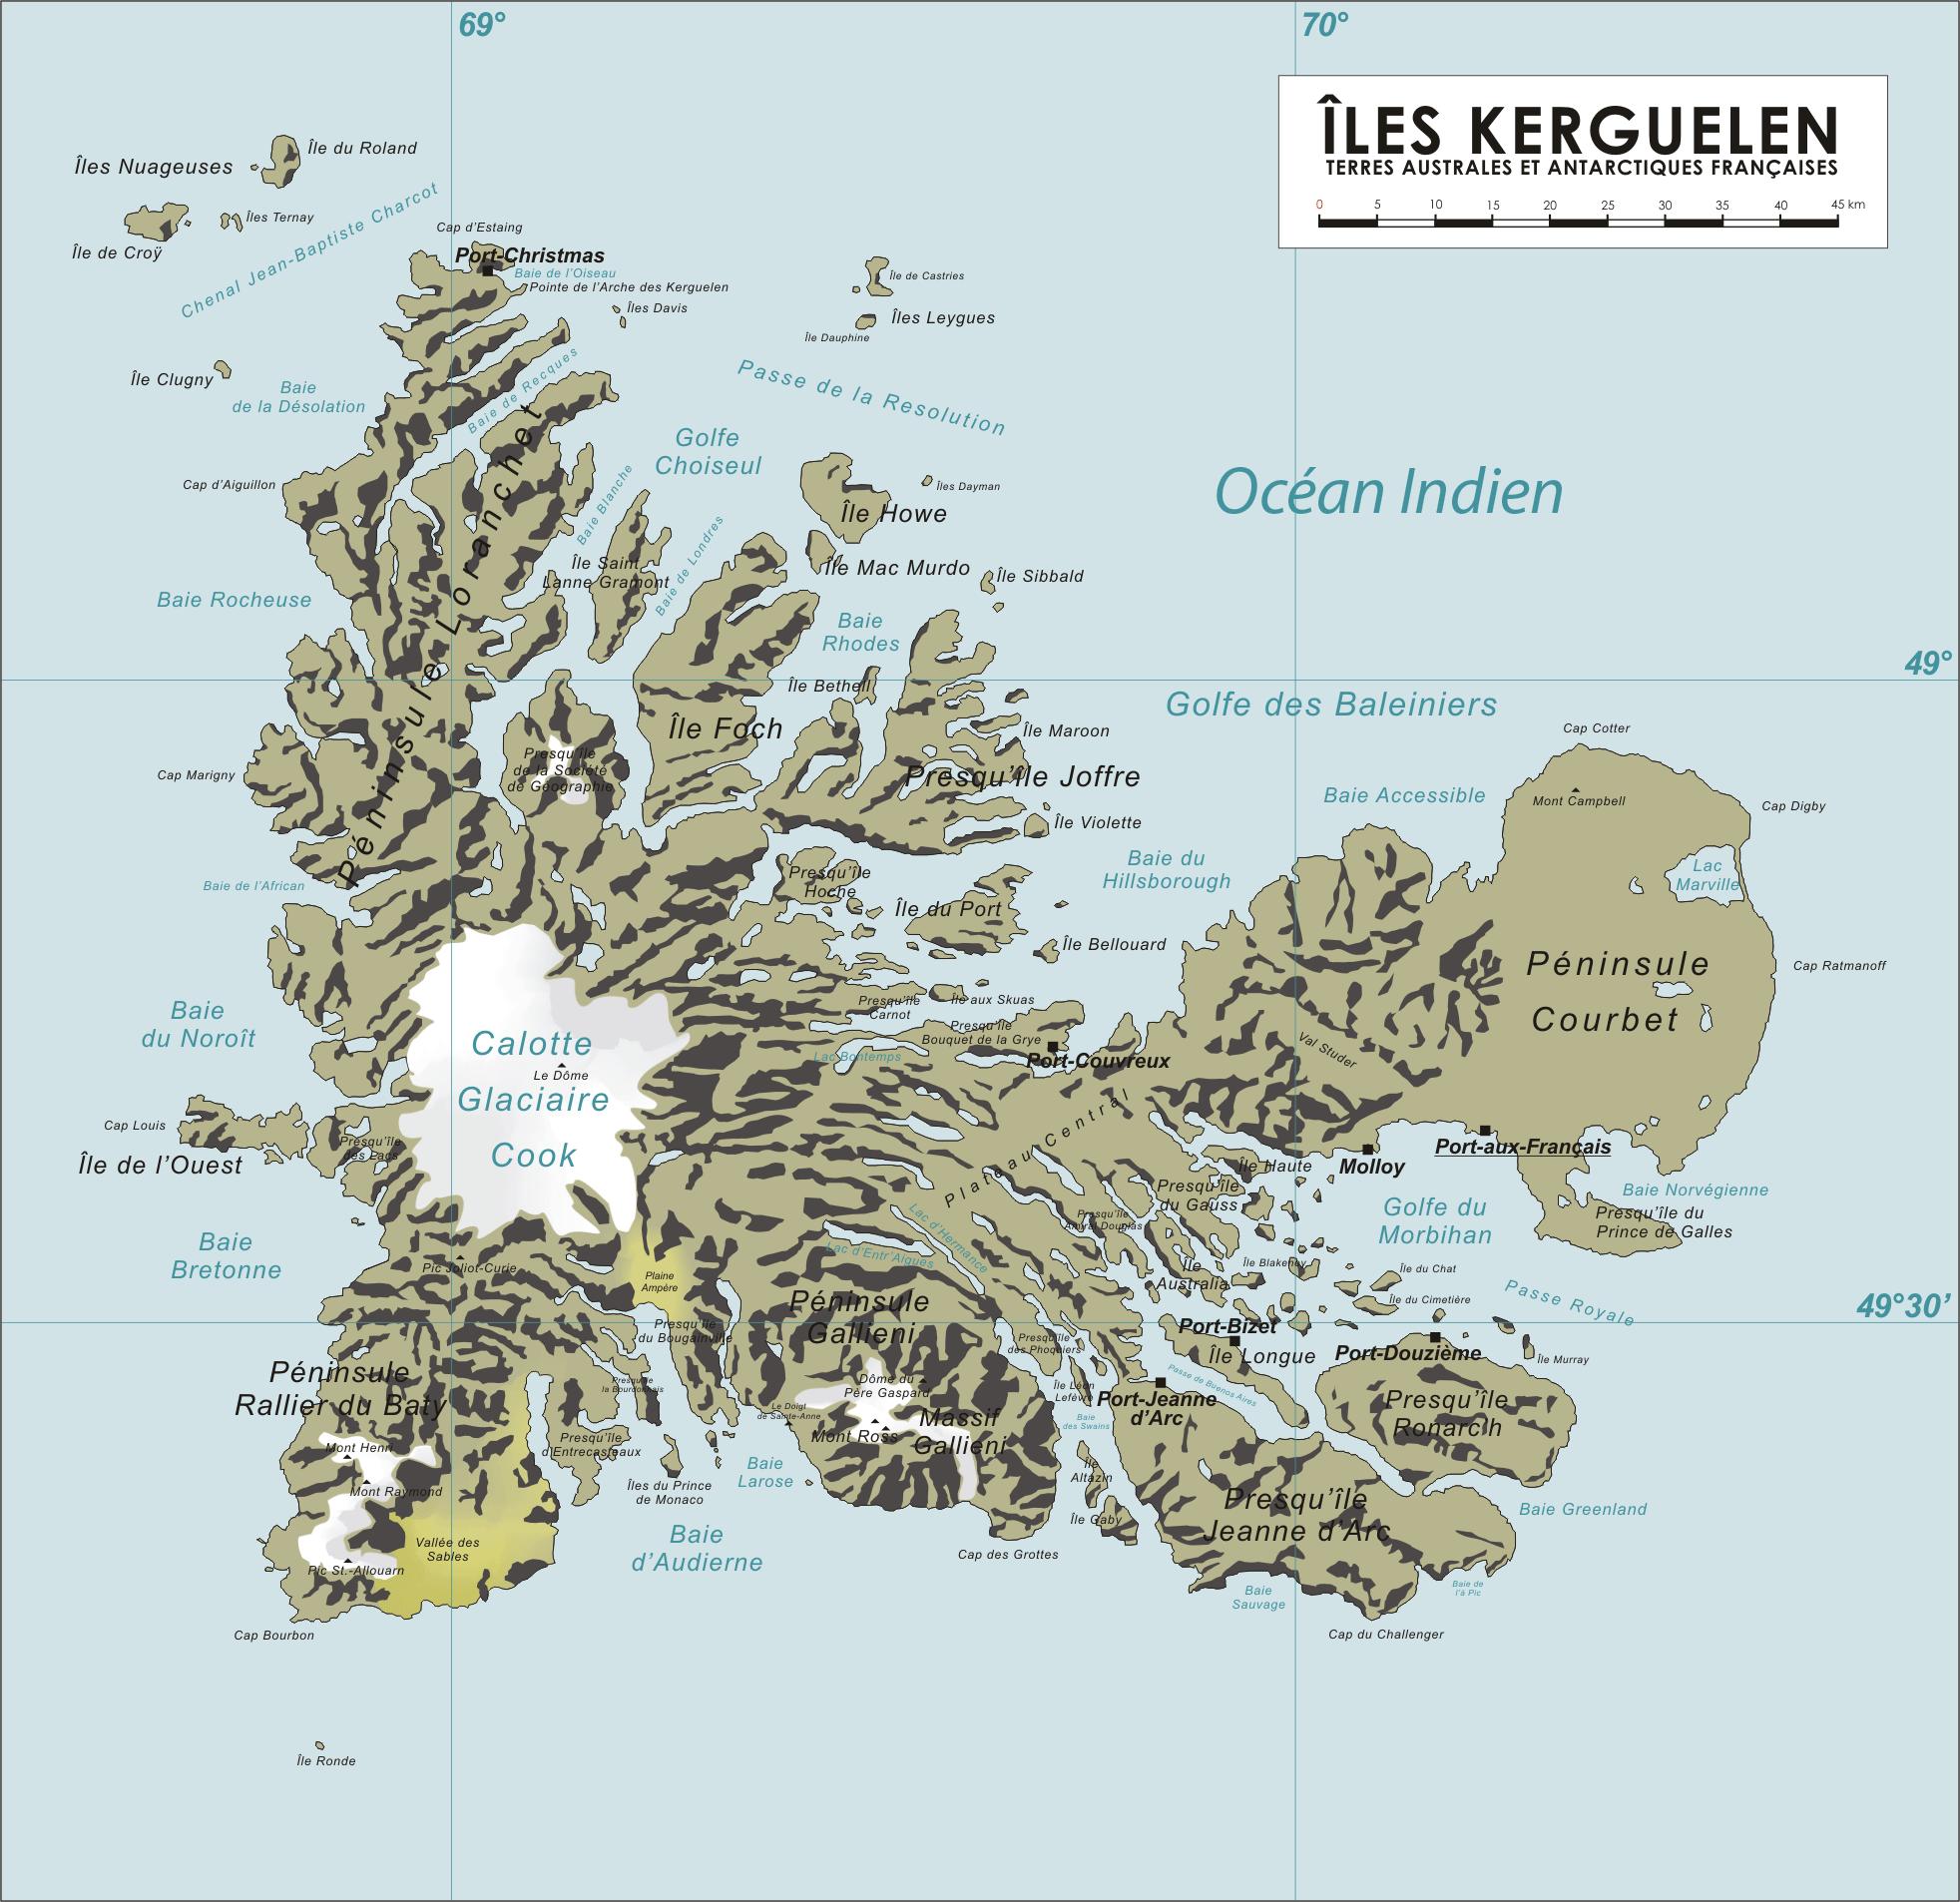 Mapa de las islas Kerguelen